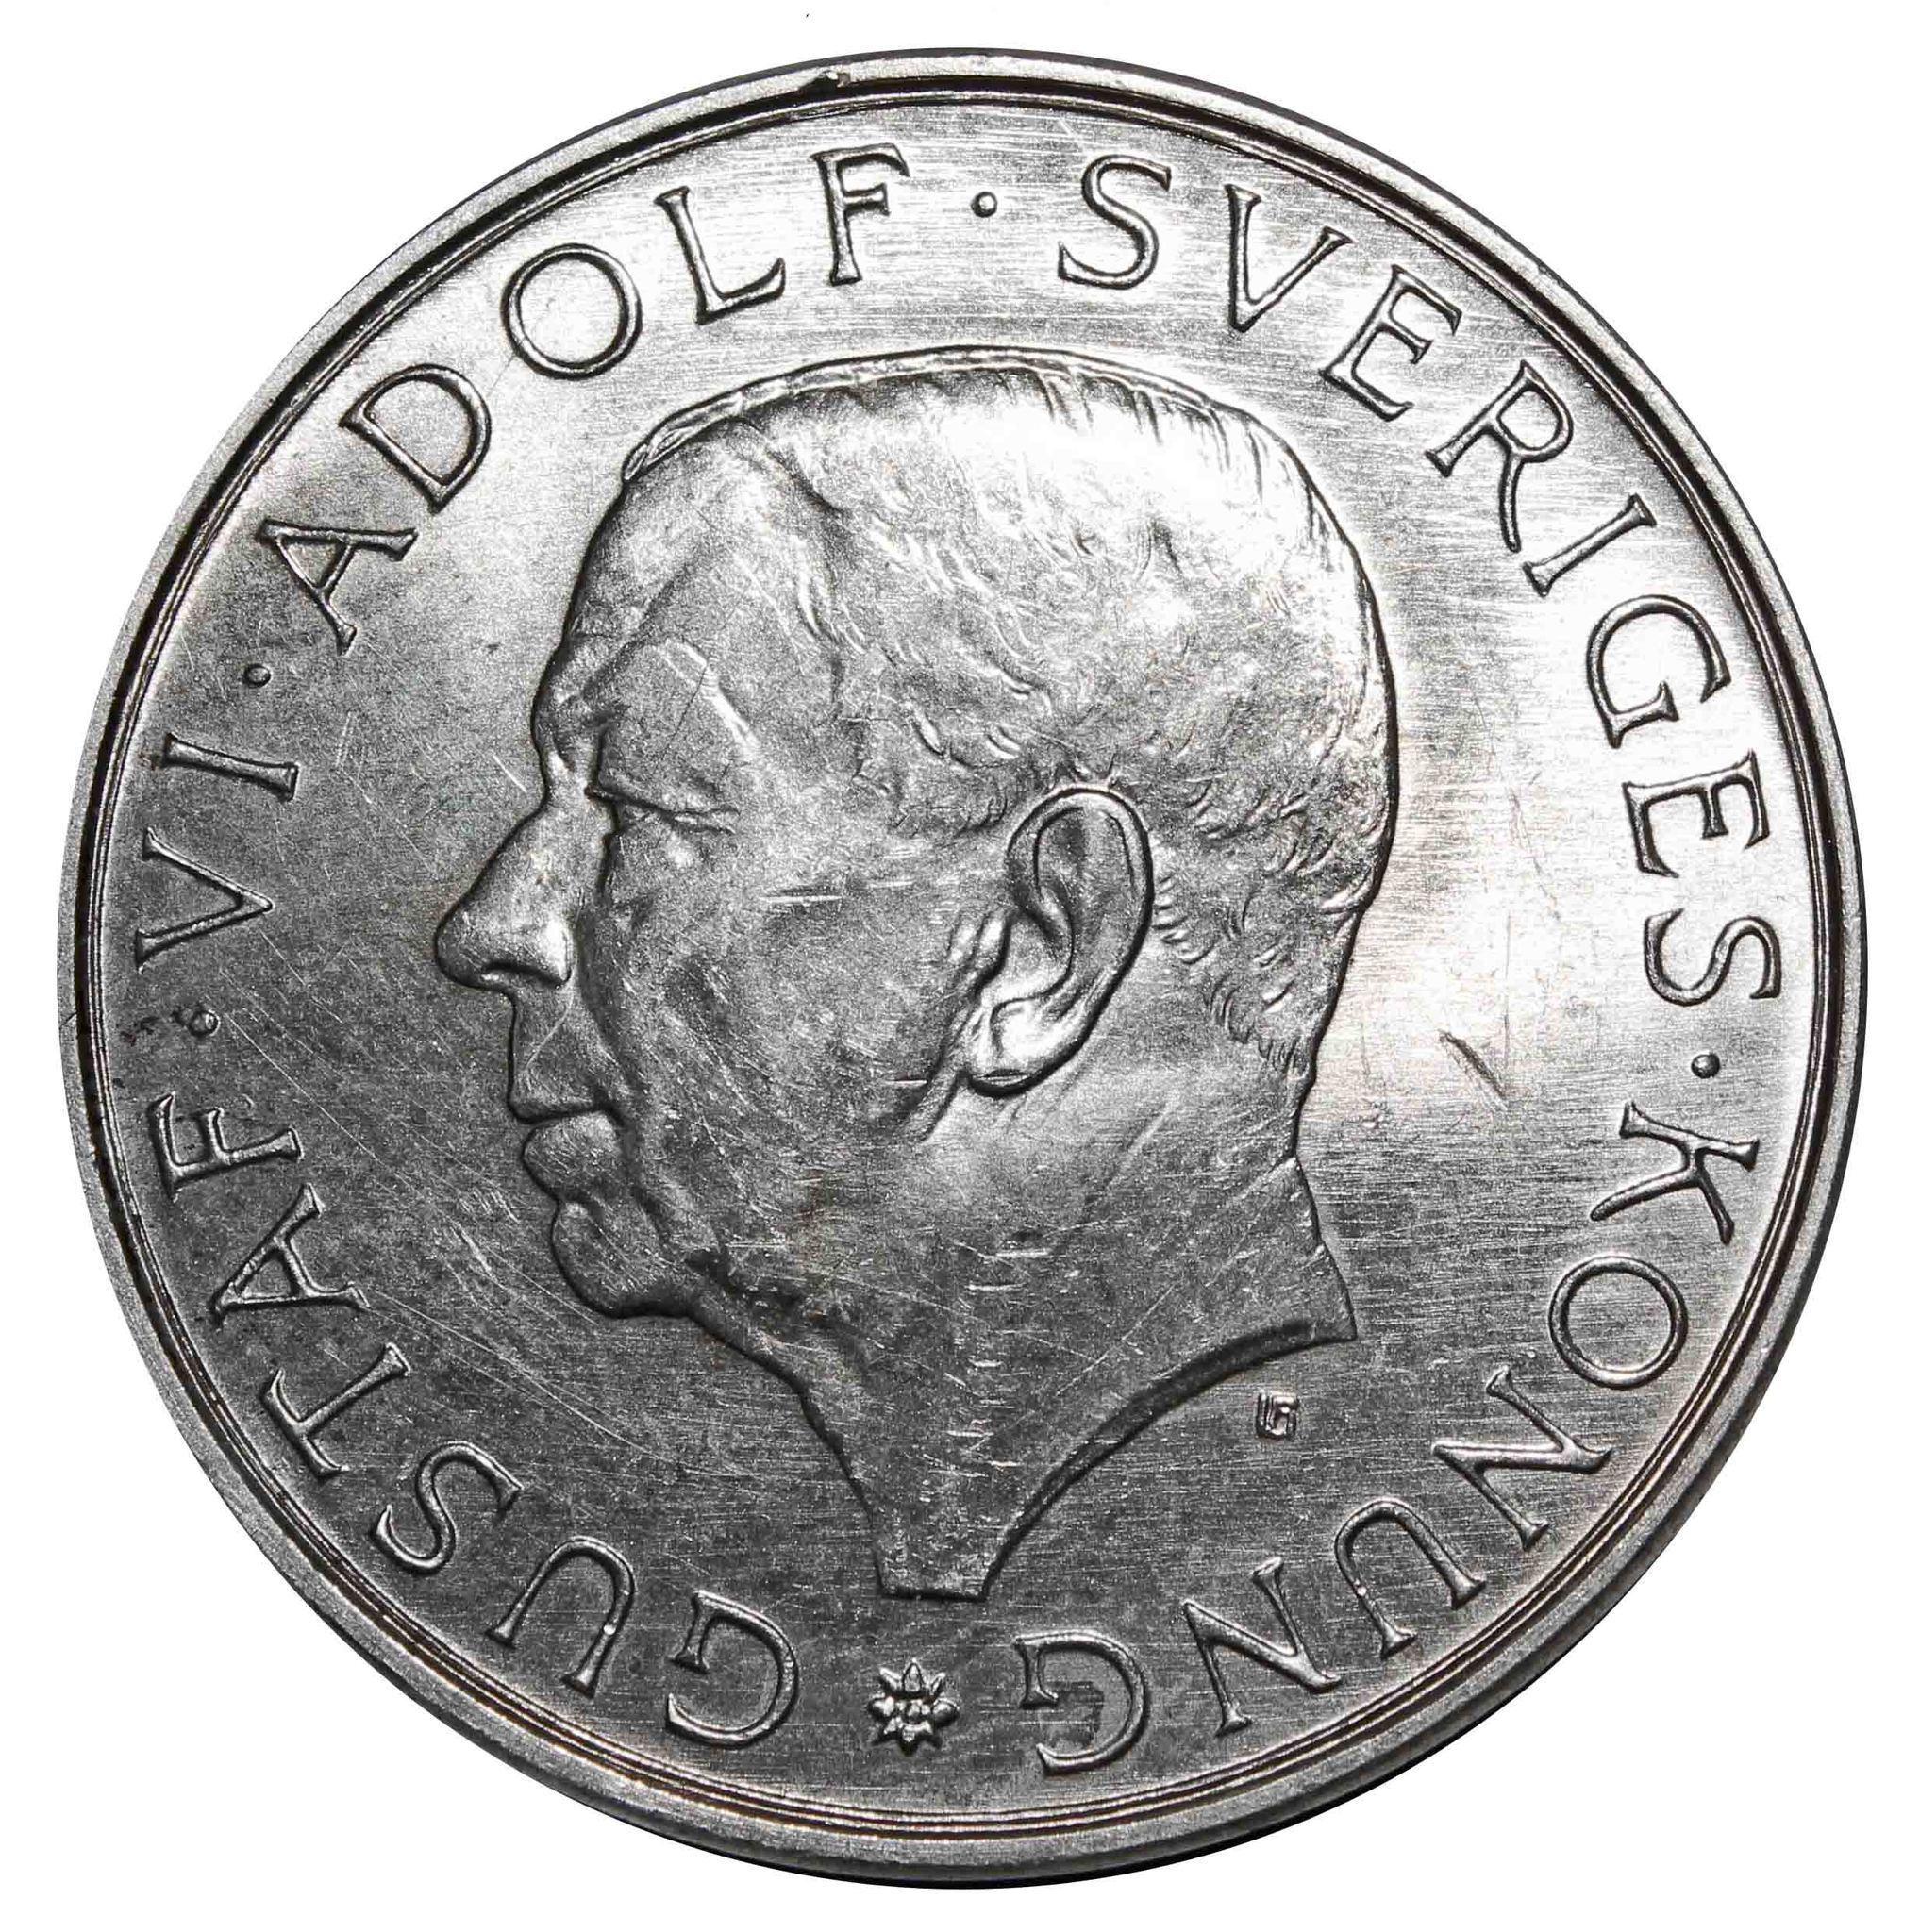 10 крон. 90 лет со дня рождения короля Густава VI Адольфа. Швеция. 1972 год. Серебро. AU